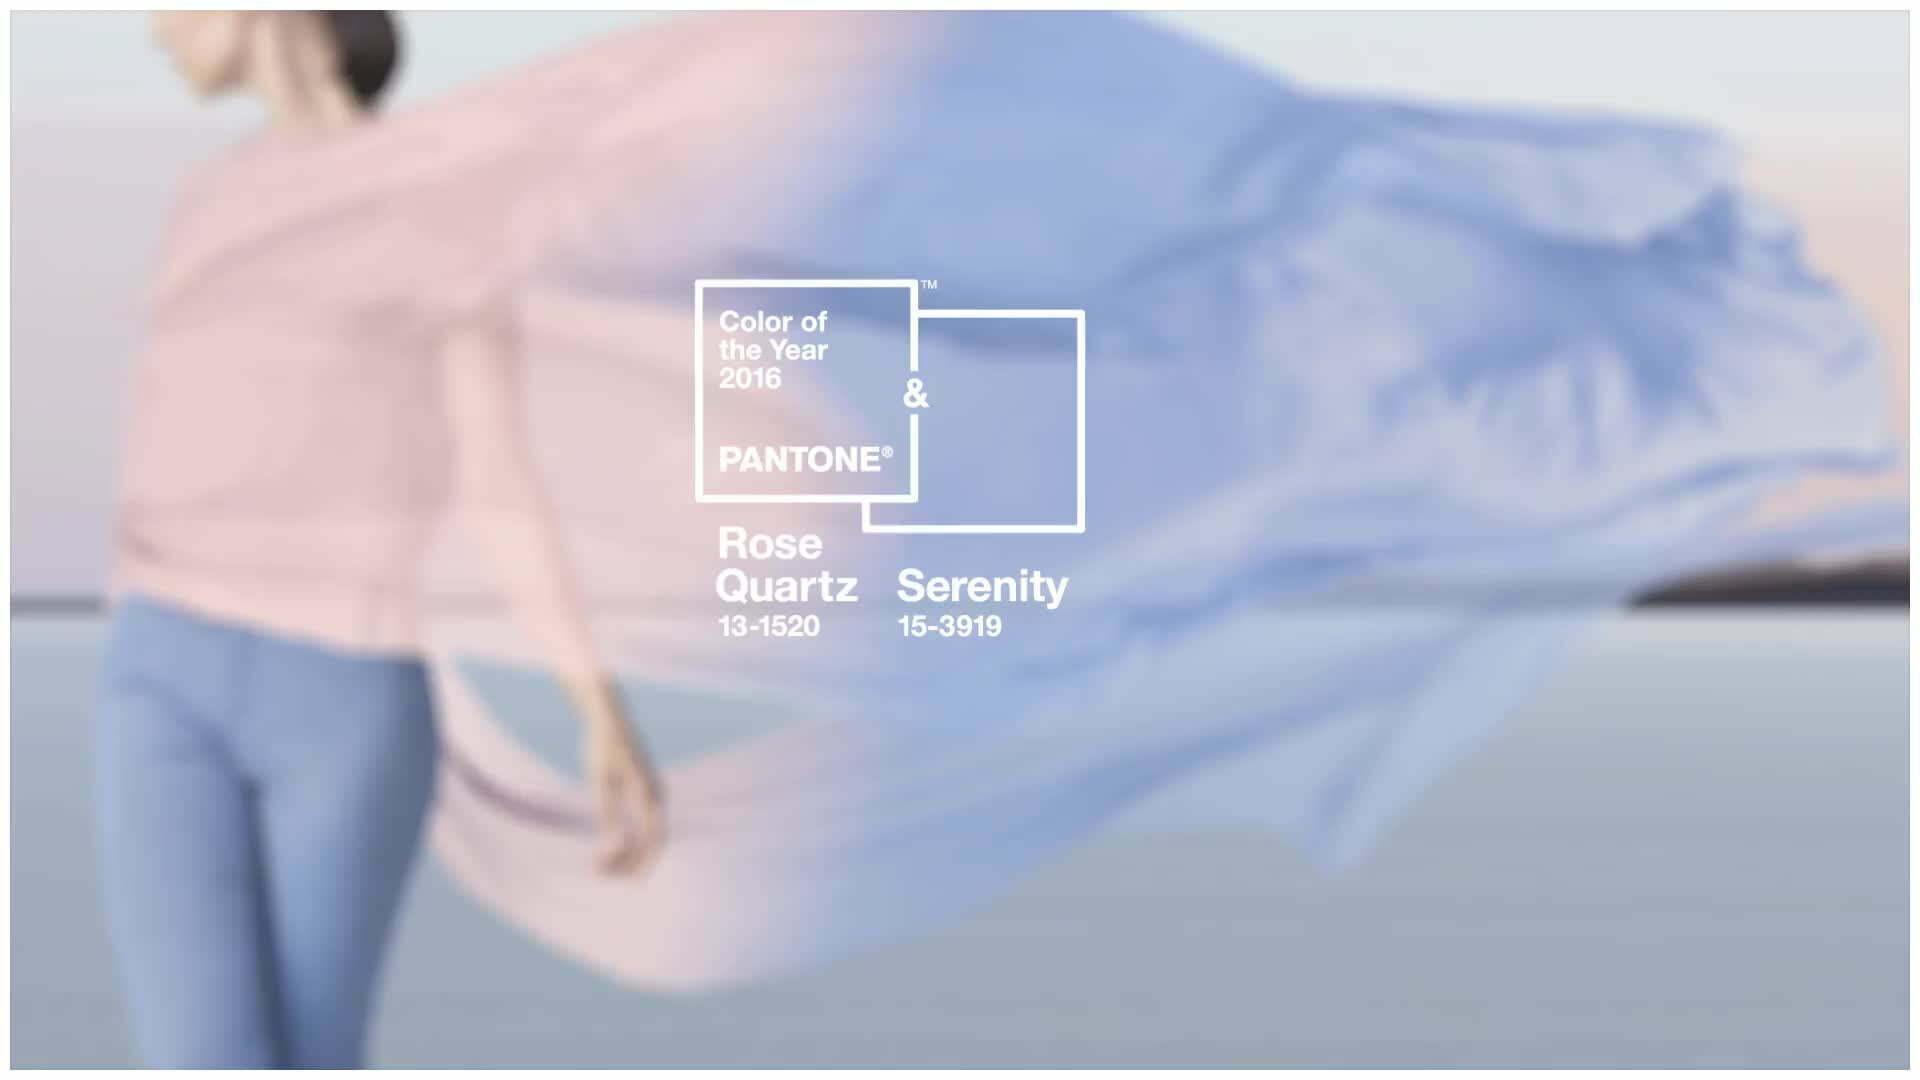 Rose Quartz Serenity